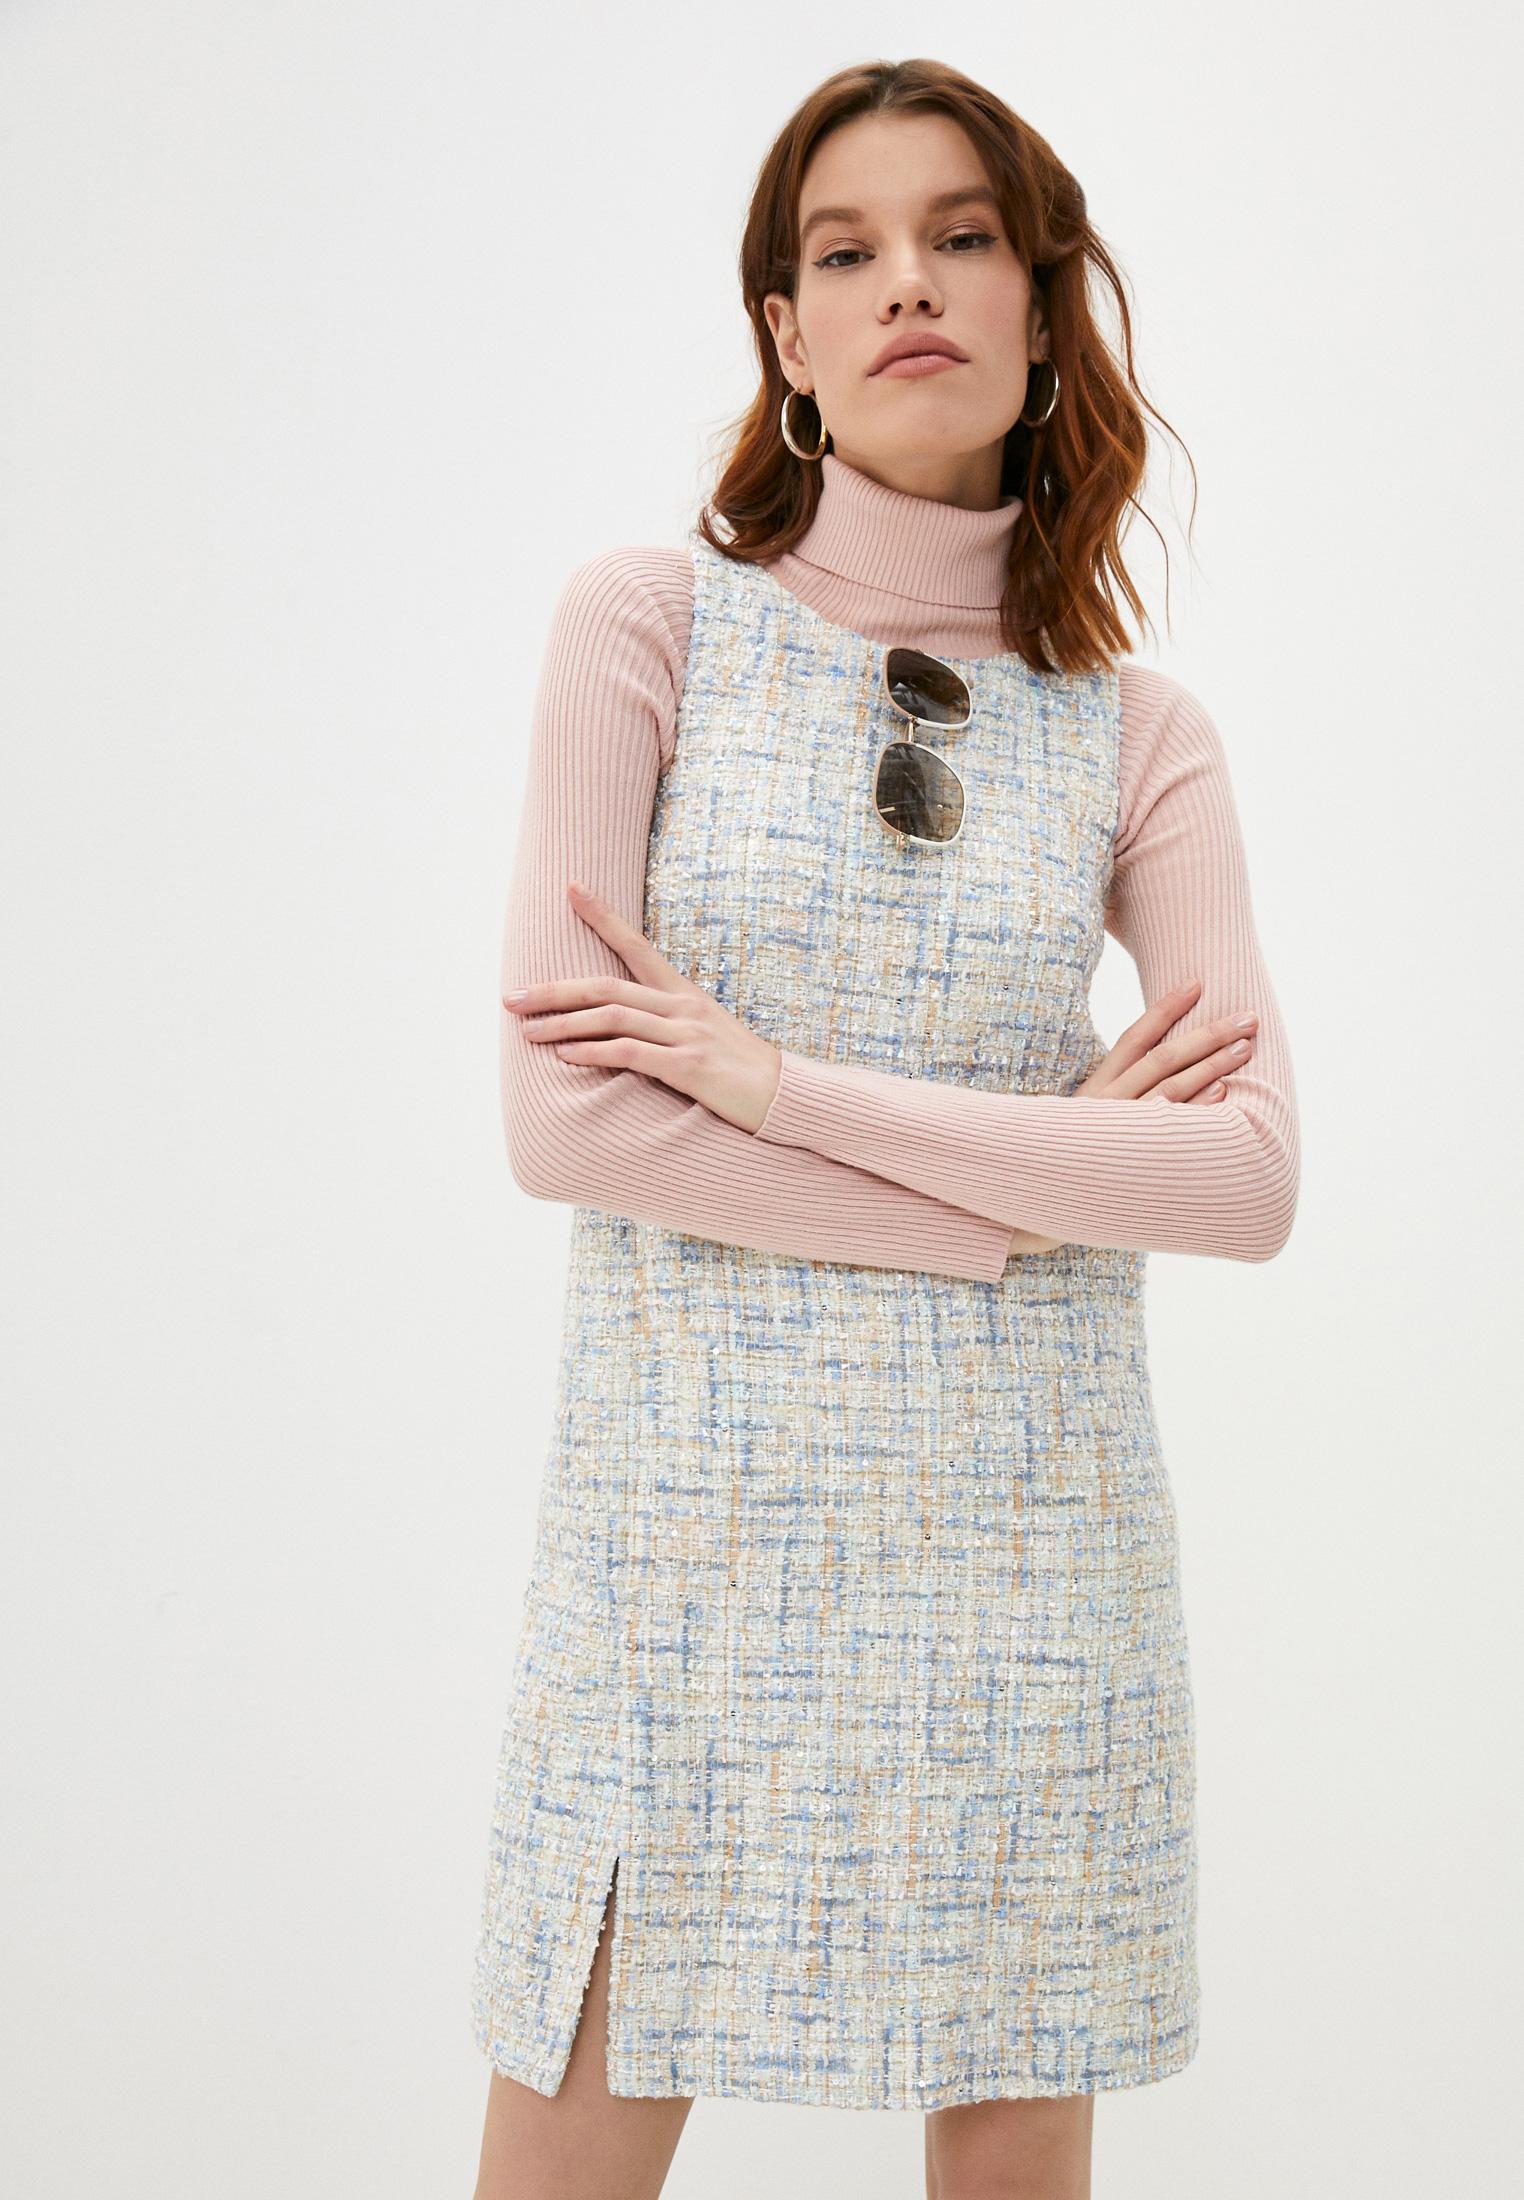 Повседневное платье Emporio Armani (Эмпорио Армани) Платье Emporio Armani